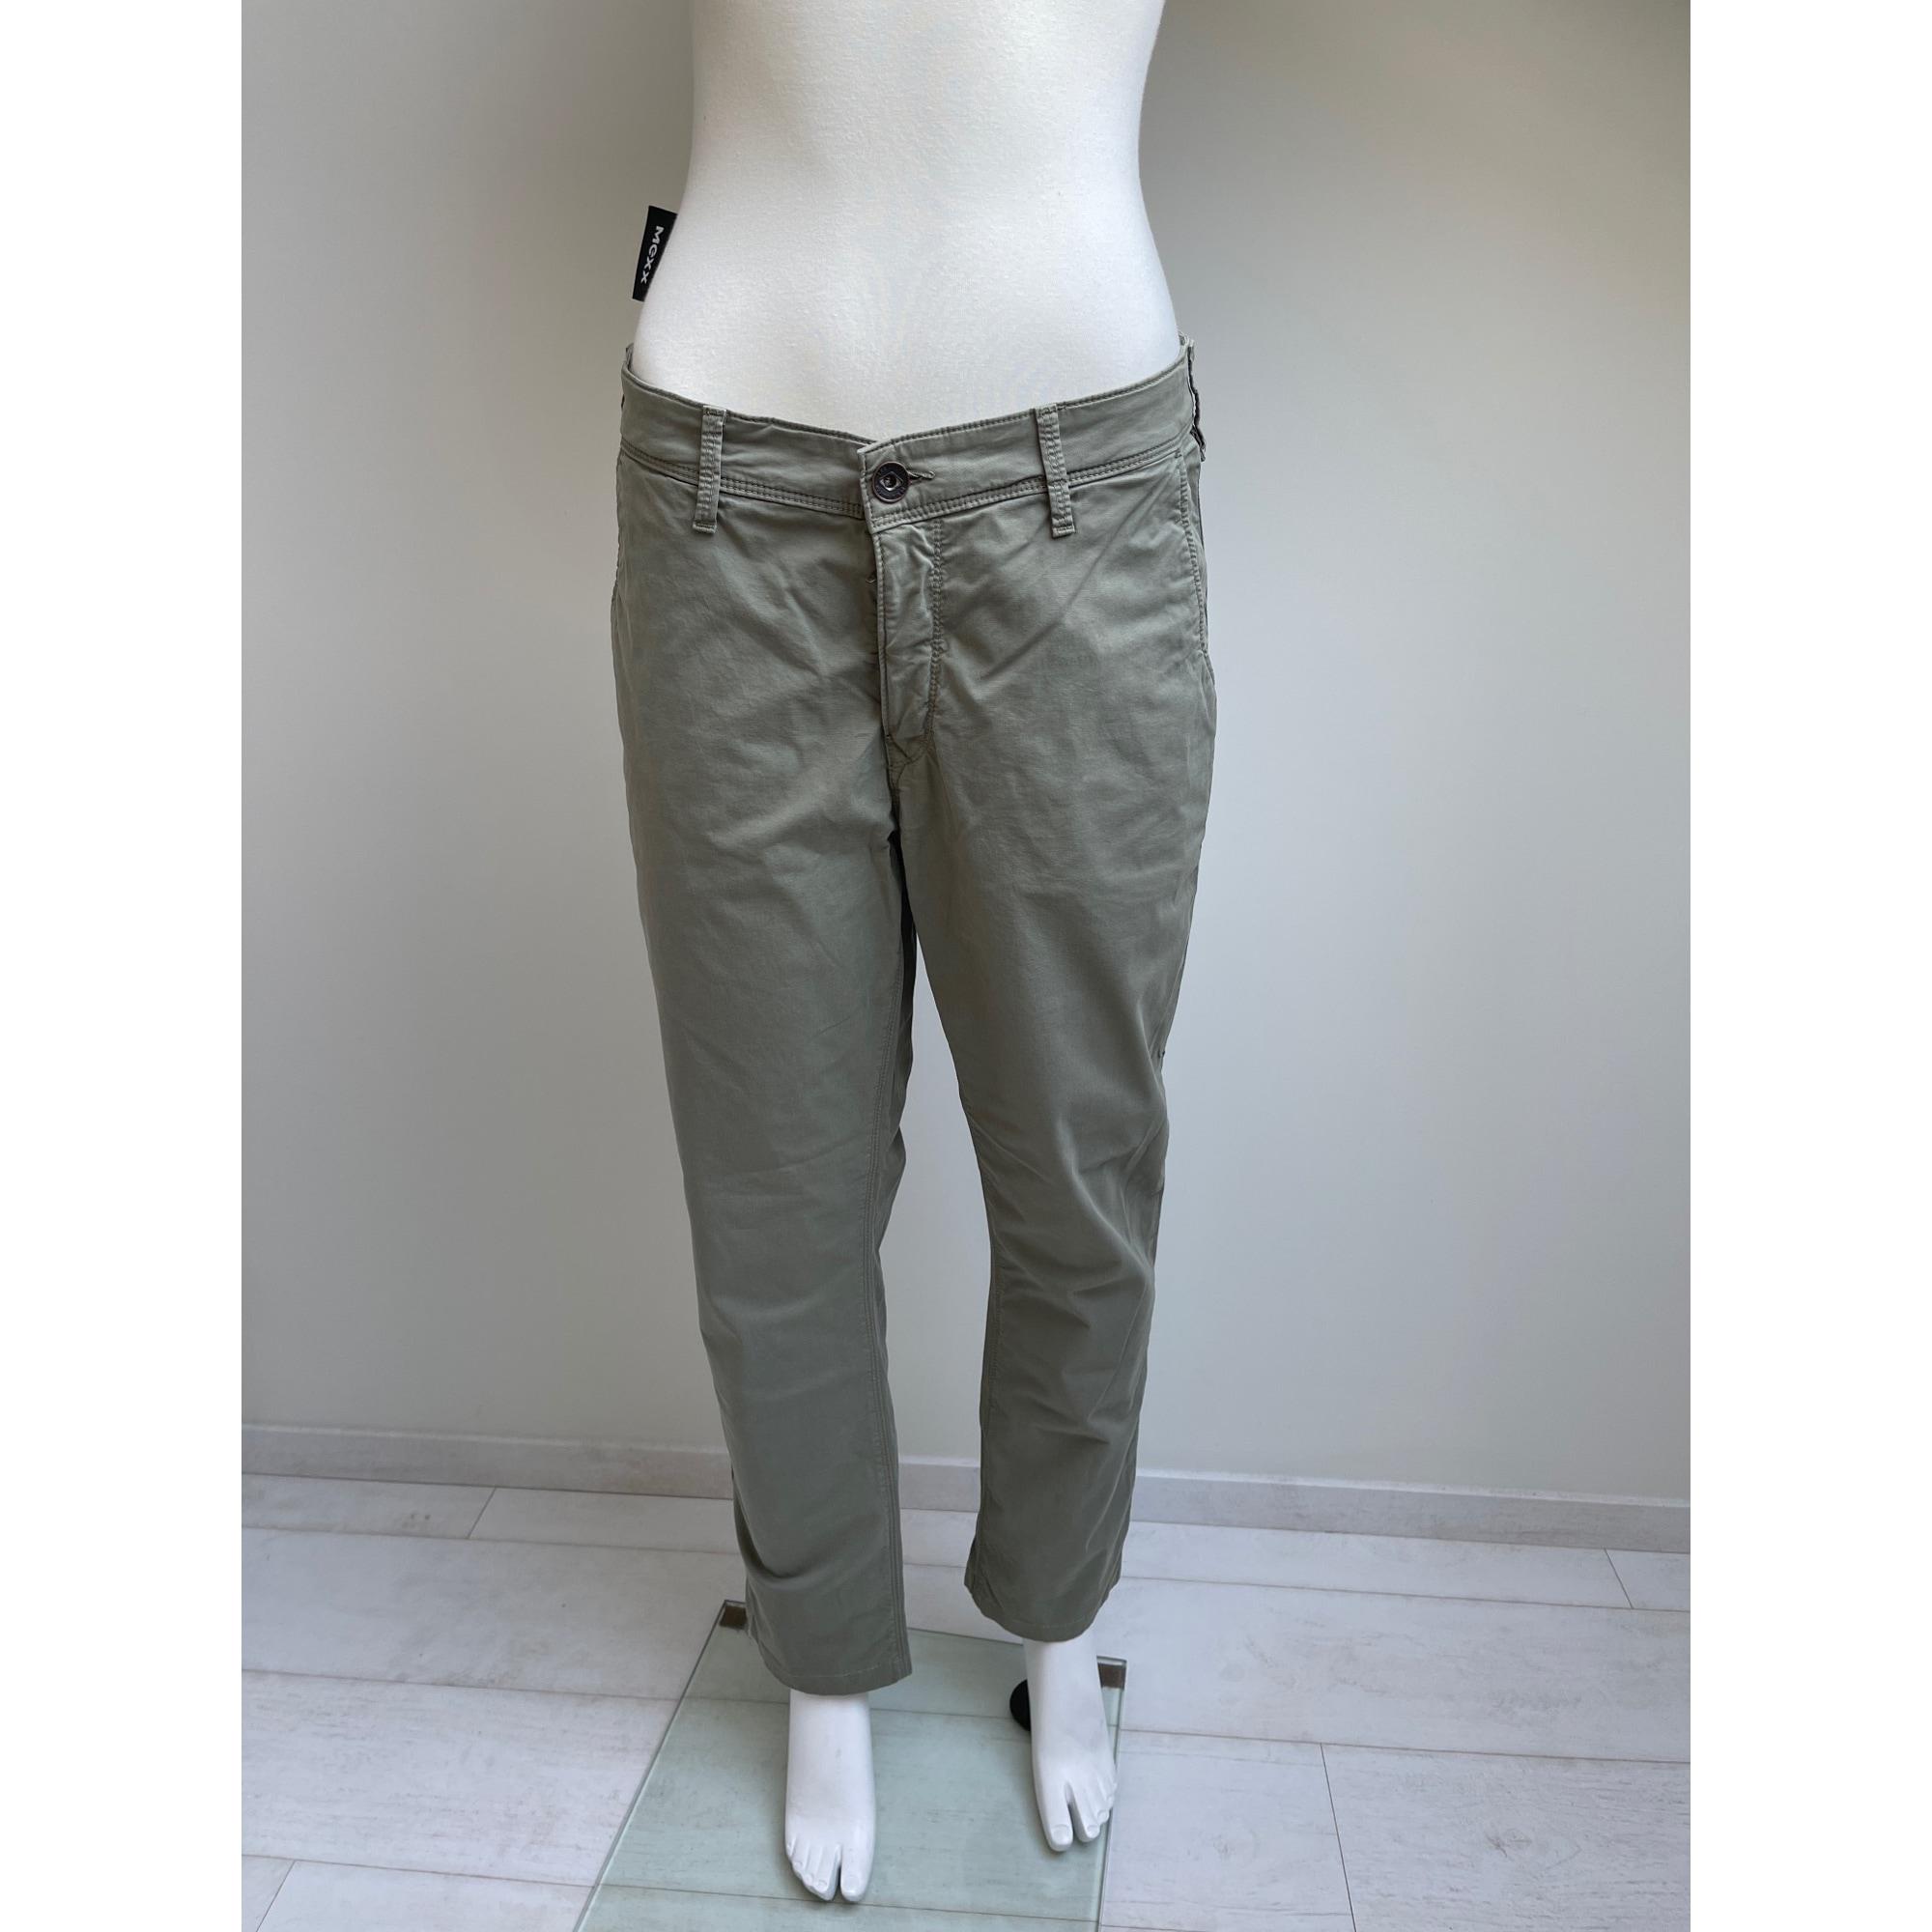 Pantalon droit LEE COOPER Kaki